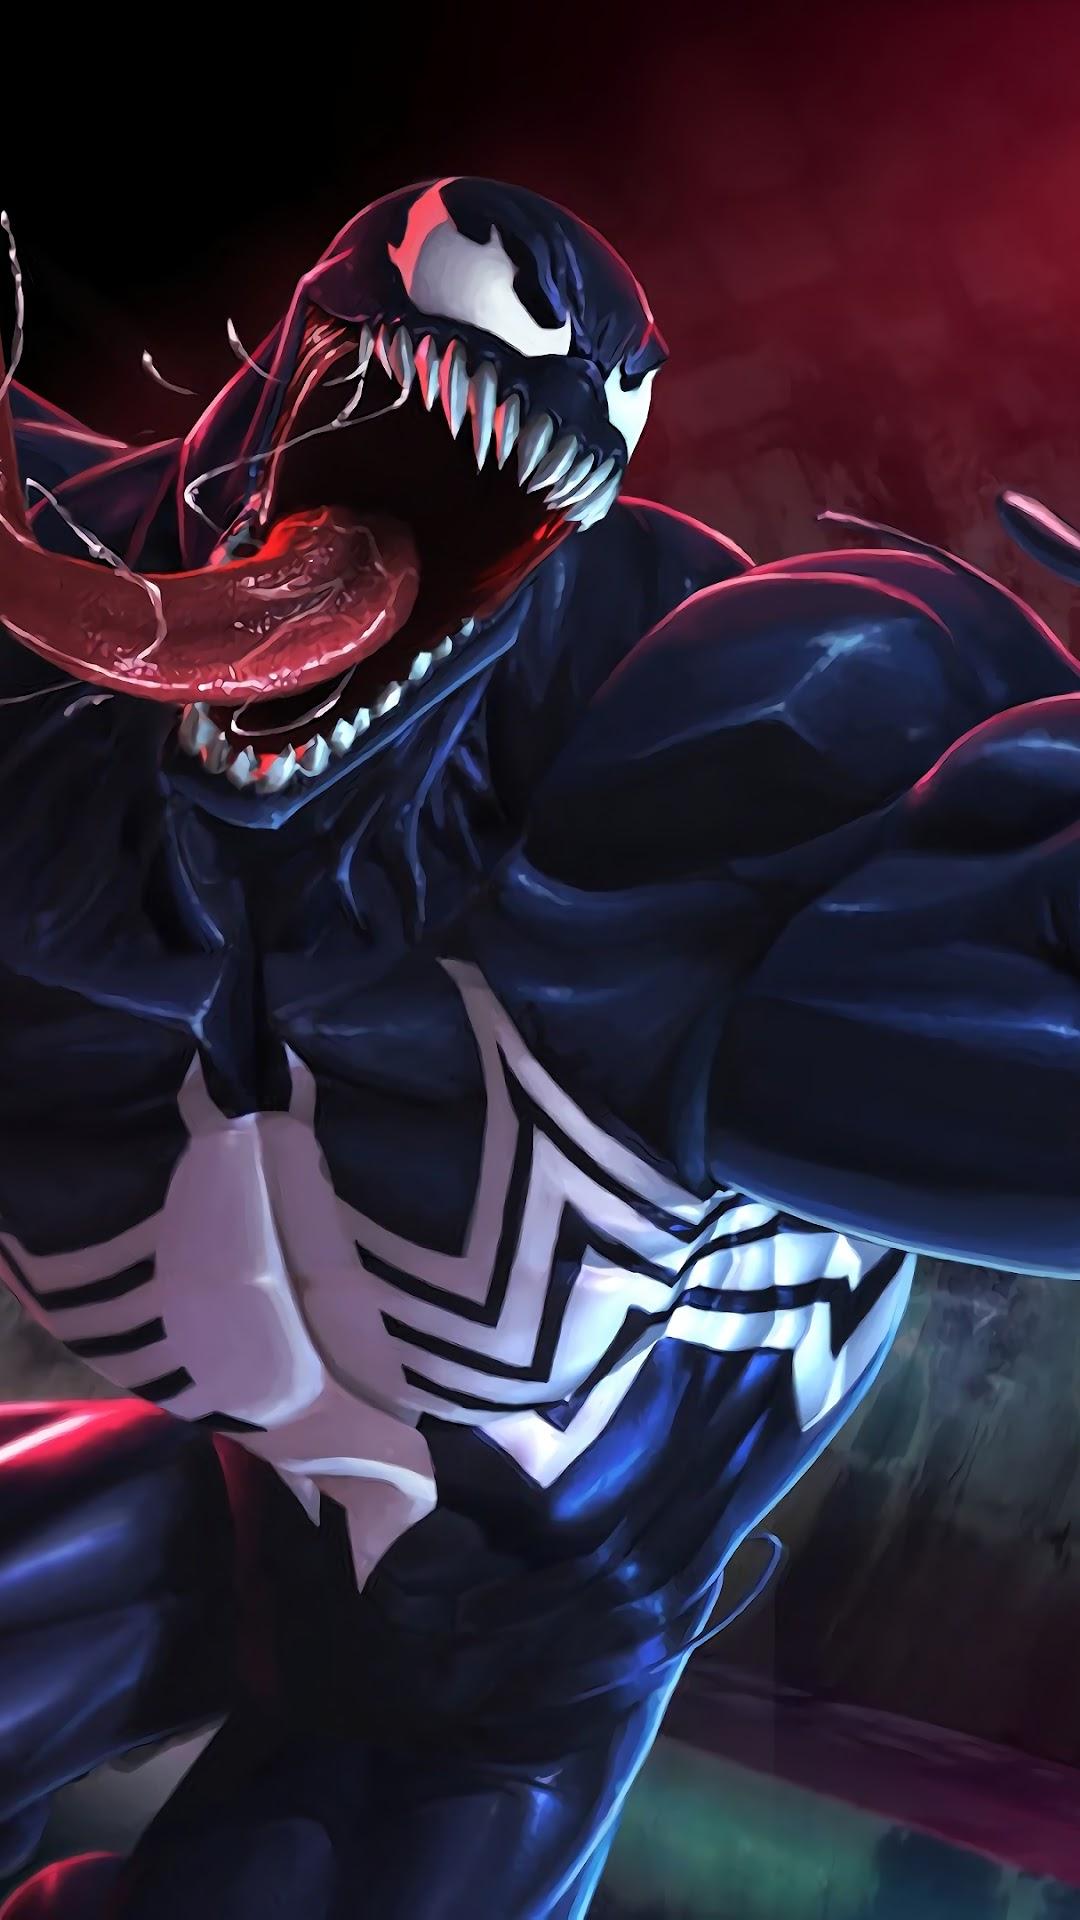 Venom 4k Wallpaper 111